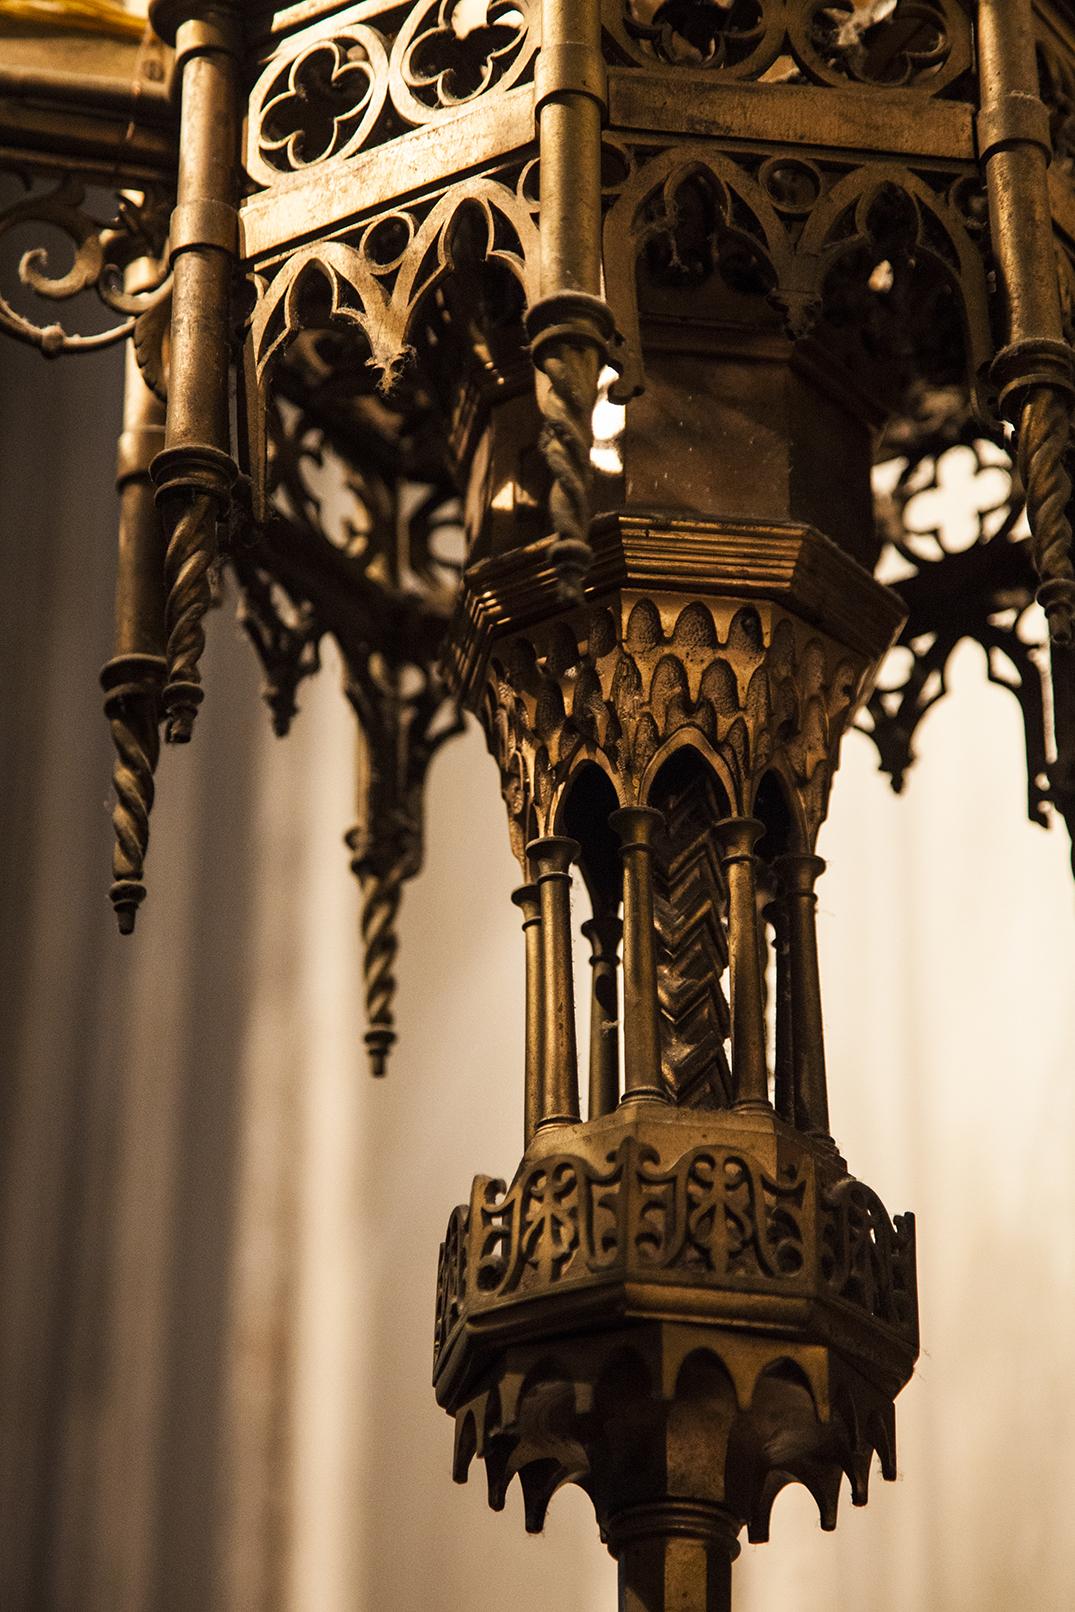 lamp post, sorta